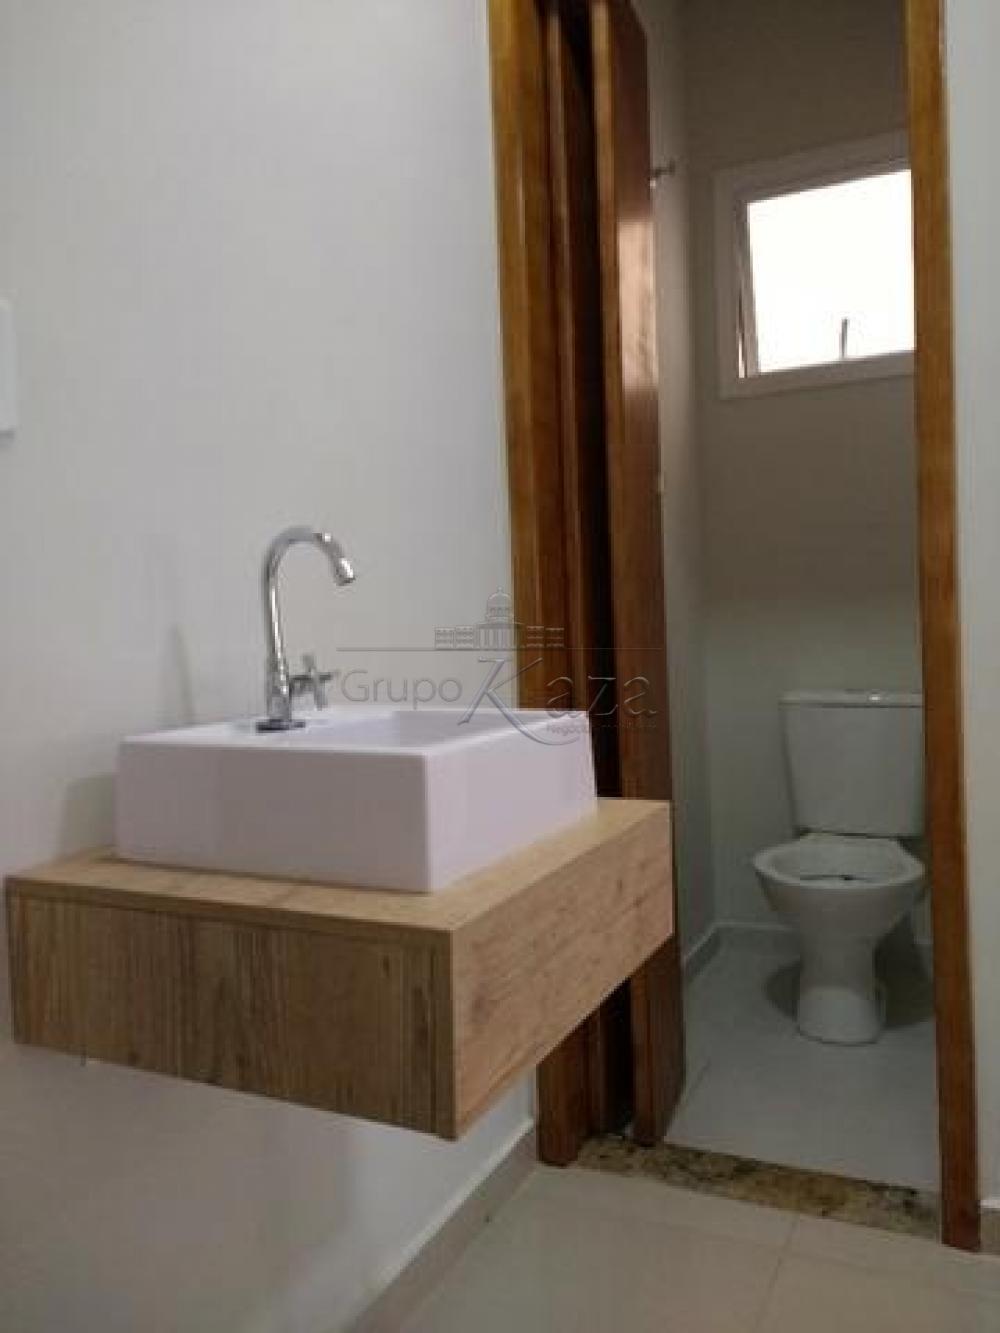 Comprar Casa / Padrão em São José dos Campos apenas R$ 307.400,00 - Foto 10